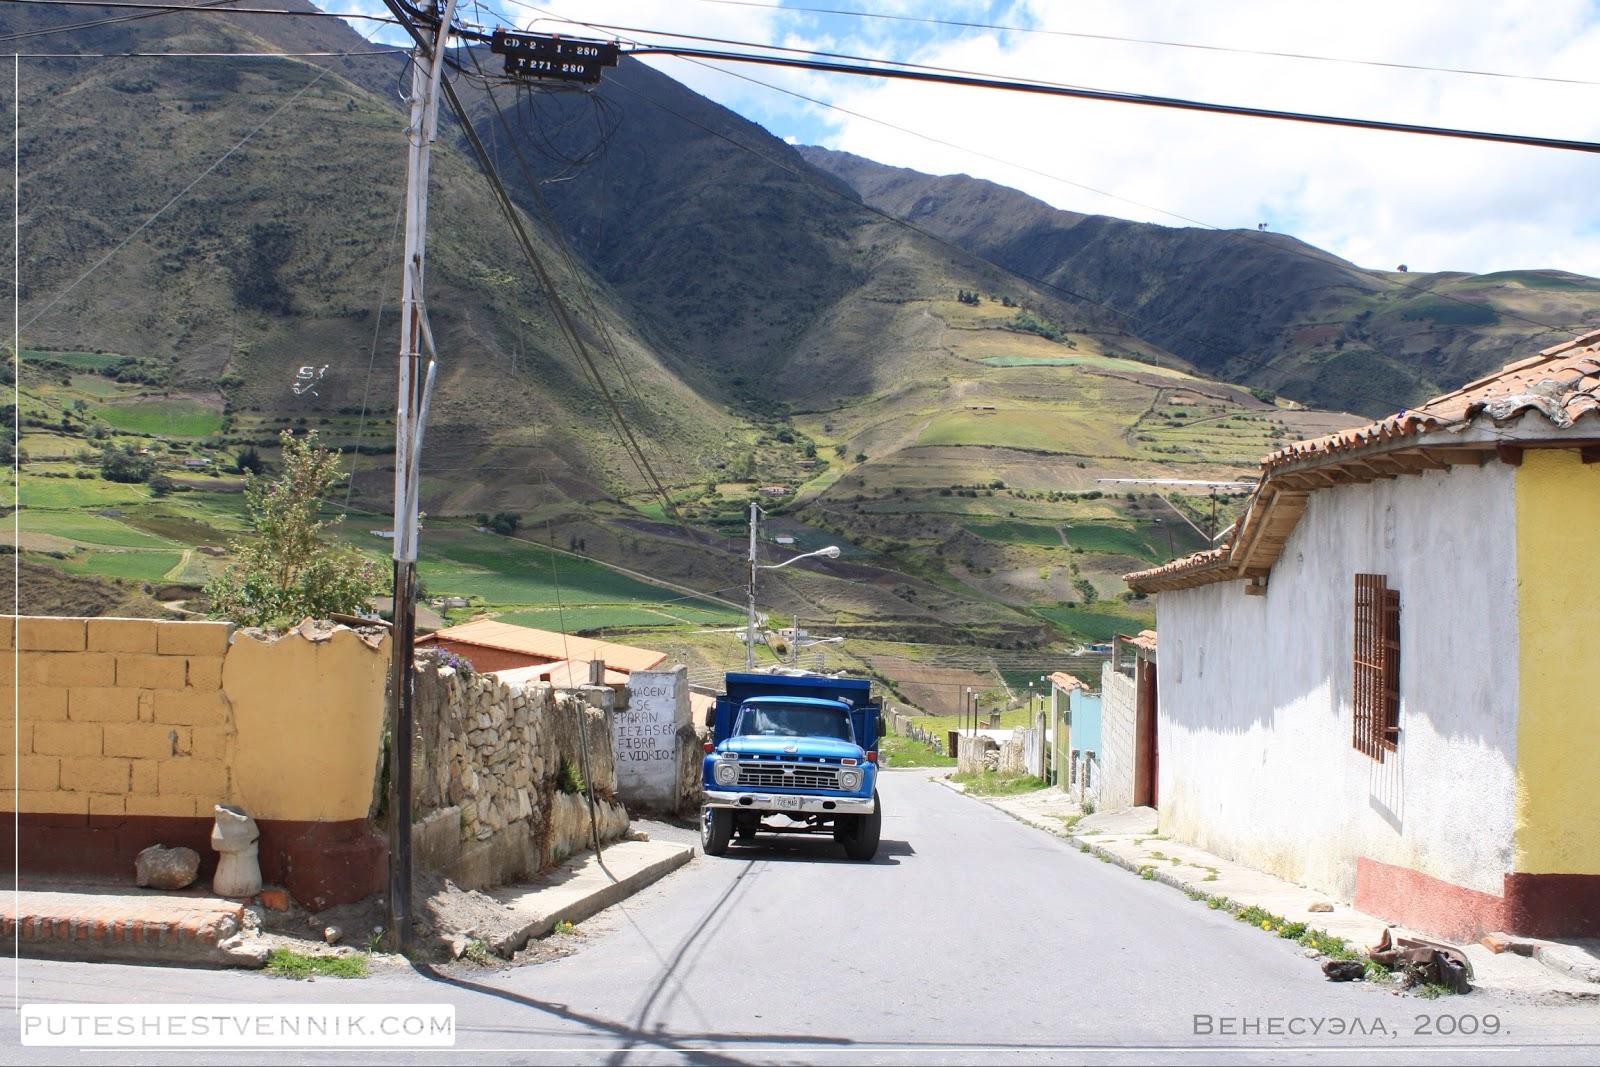 Улица в деревне в Венесуэле